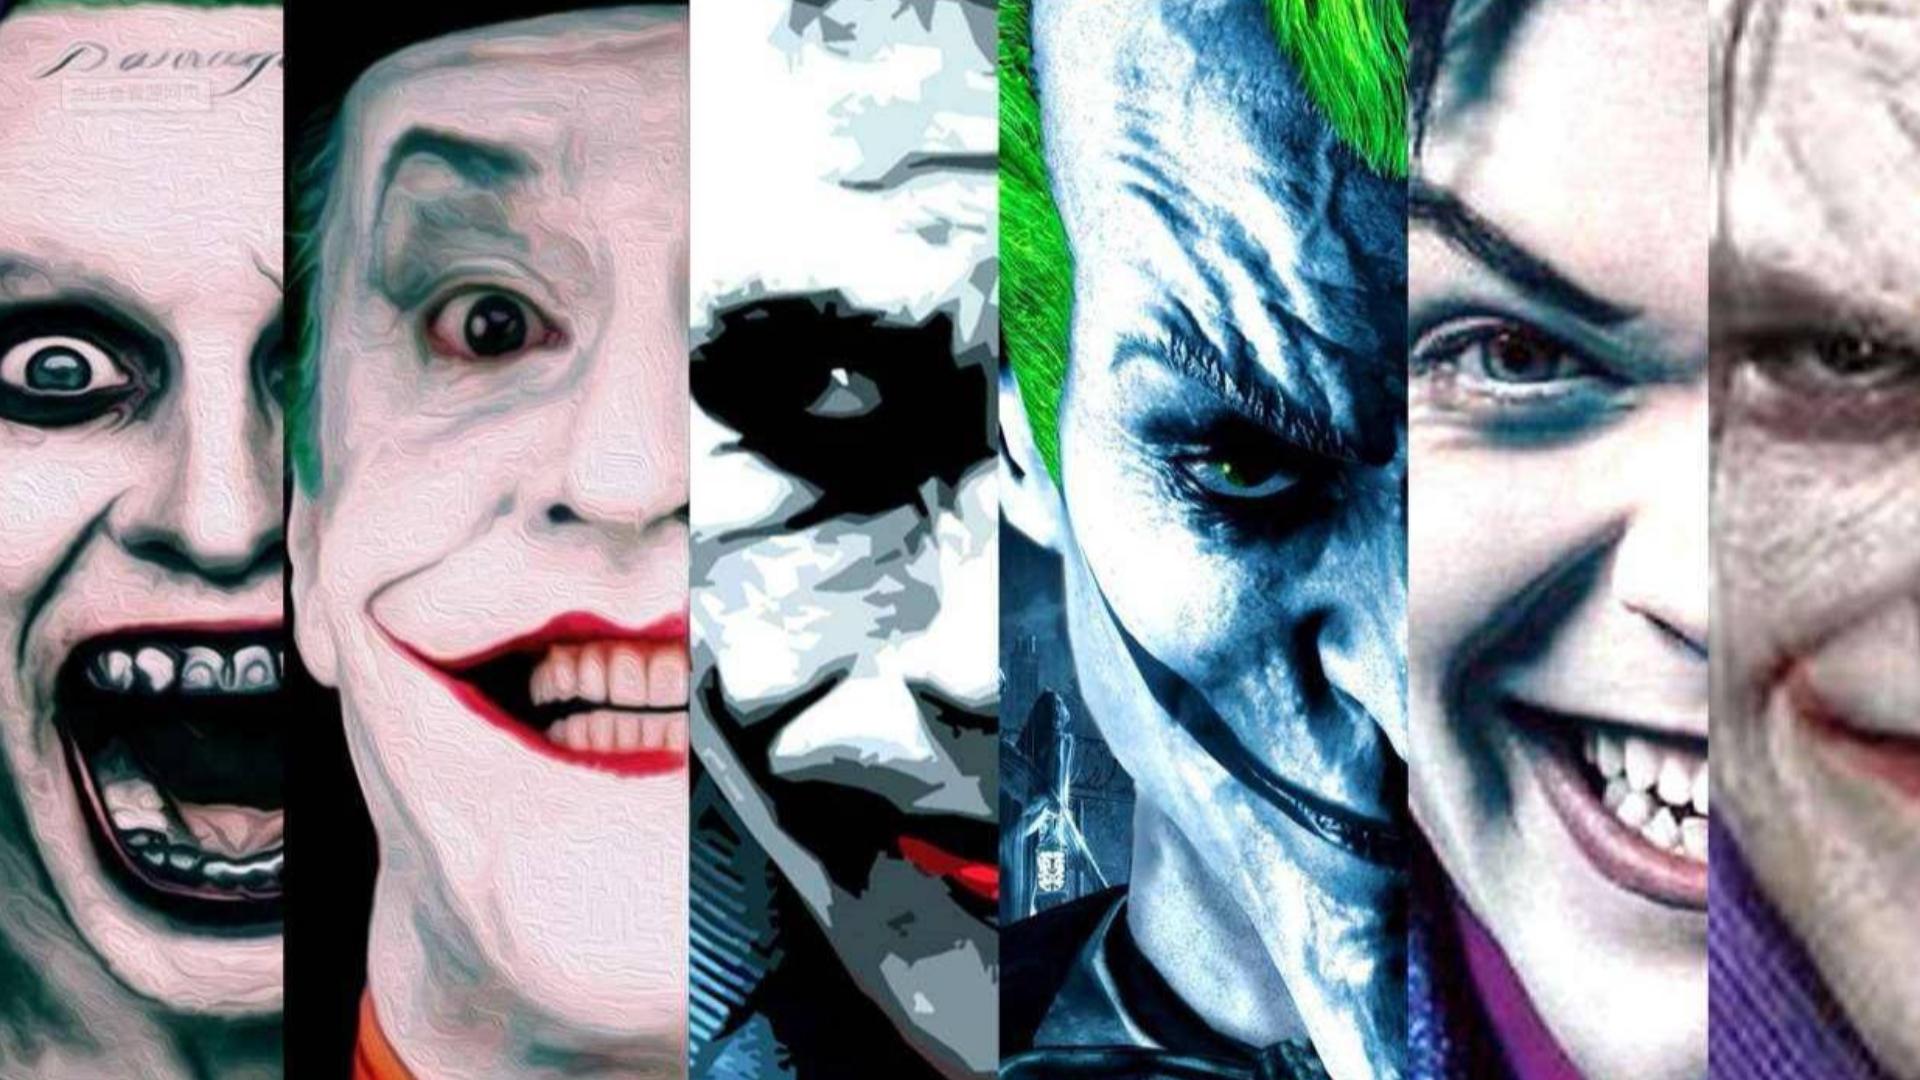 【十代小丑·踩点·高燃】前方高能!跨次元的极度疯狂盛宴!混乱既是自由!